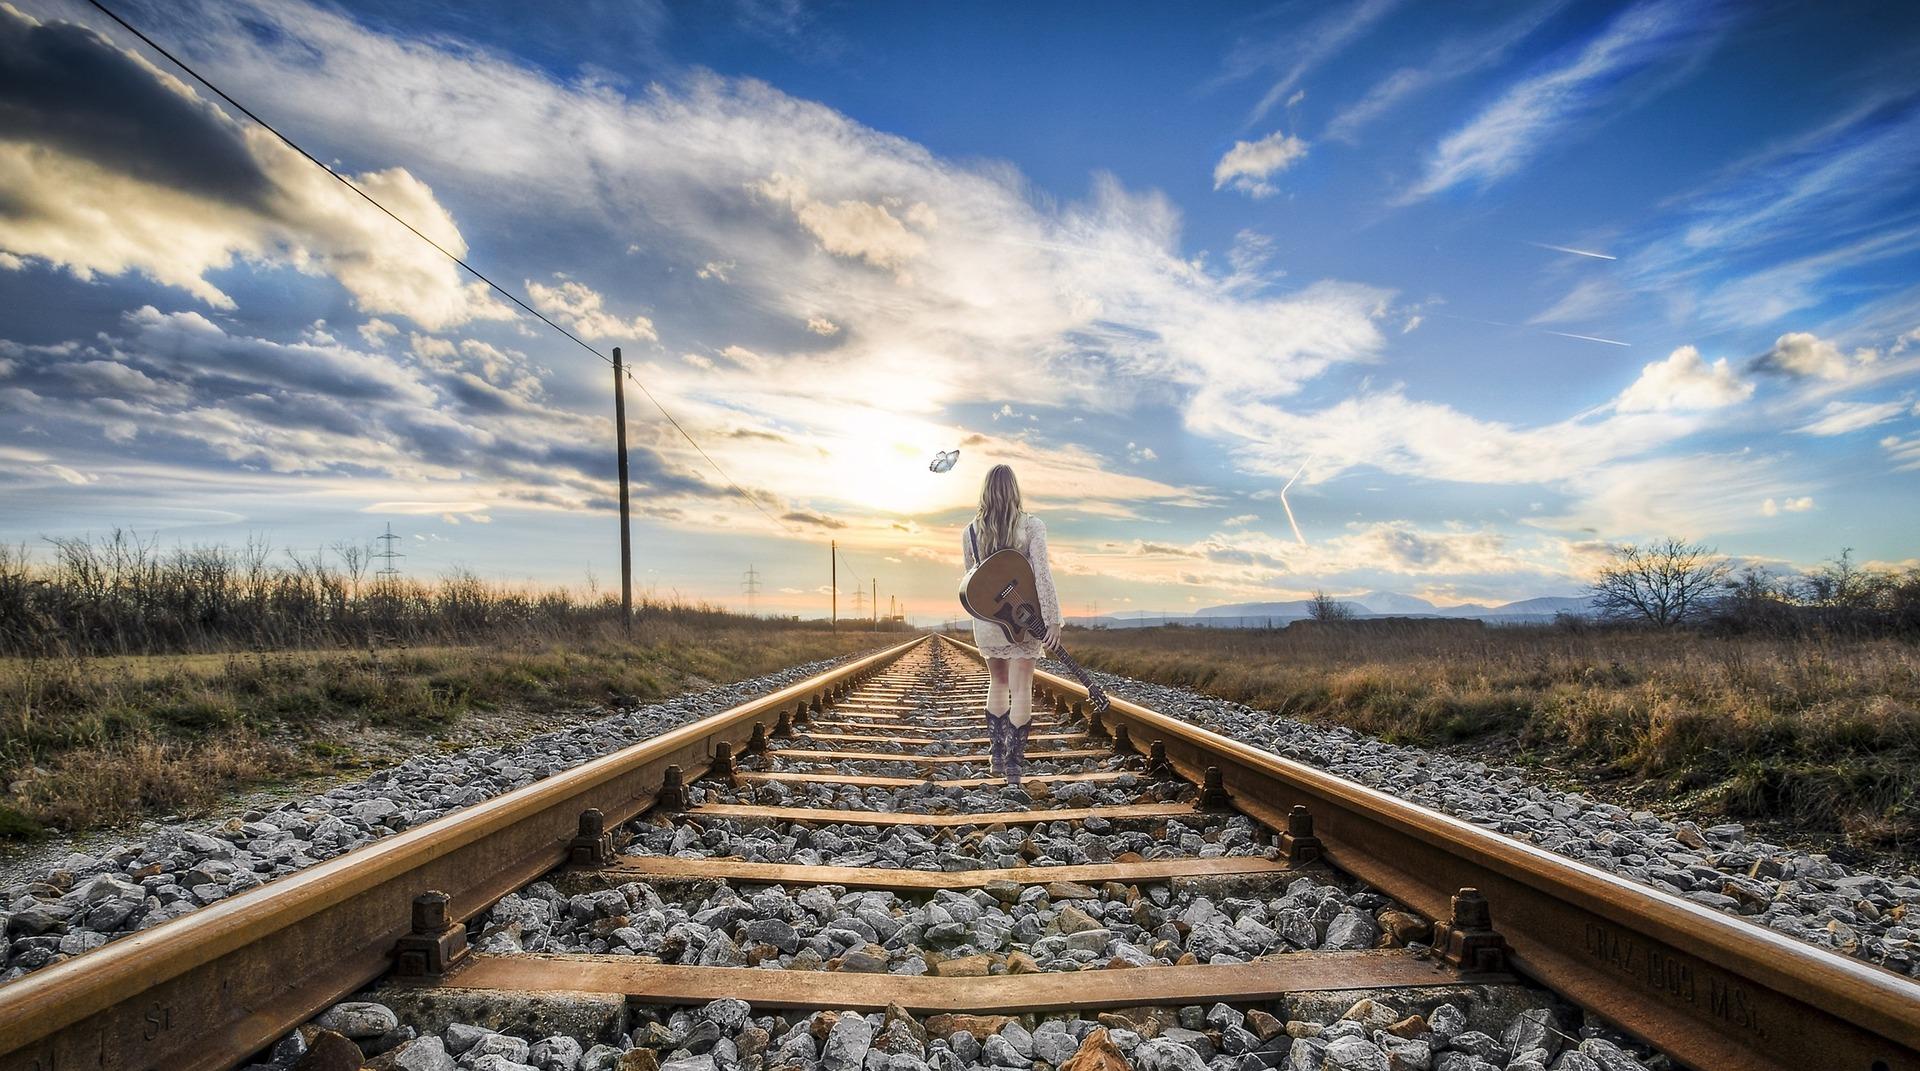 自由 線路 道 生き方